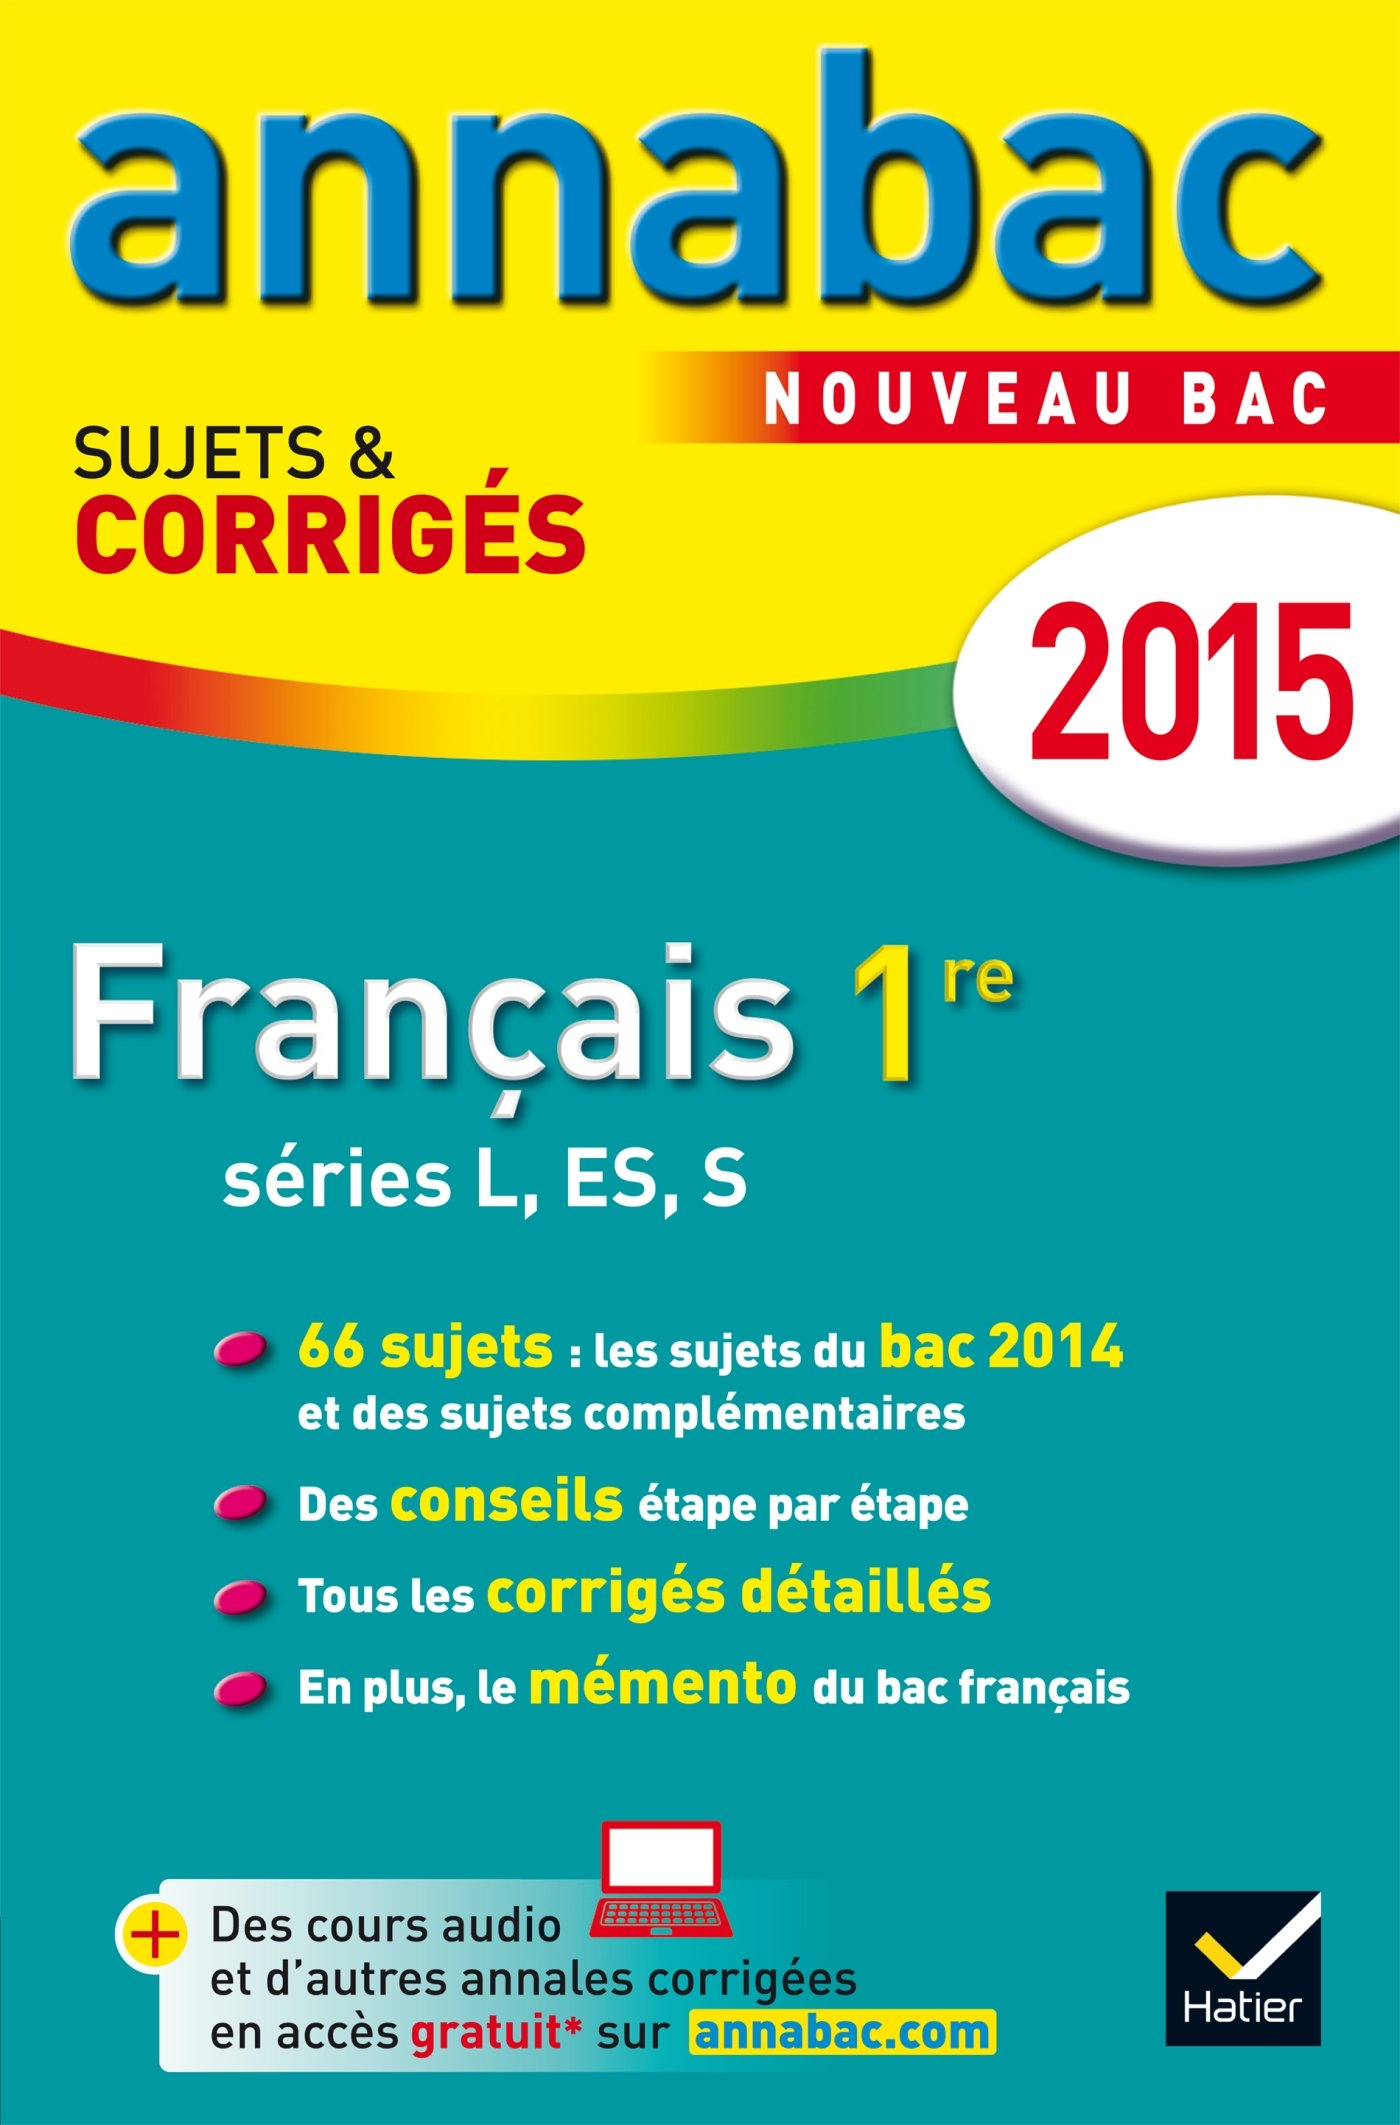 Annales Annabac 2015 Français 1re L, ES, S: sujets et corrigés du bac - Première séries générales: Amazon.es: Sylvie Dauvin, Jacques Dauvin: Libros en ...